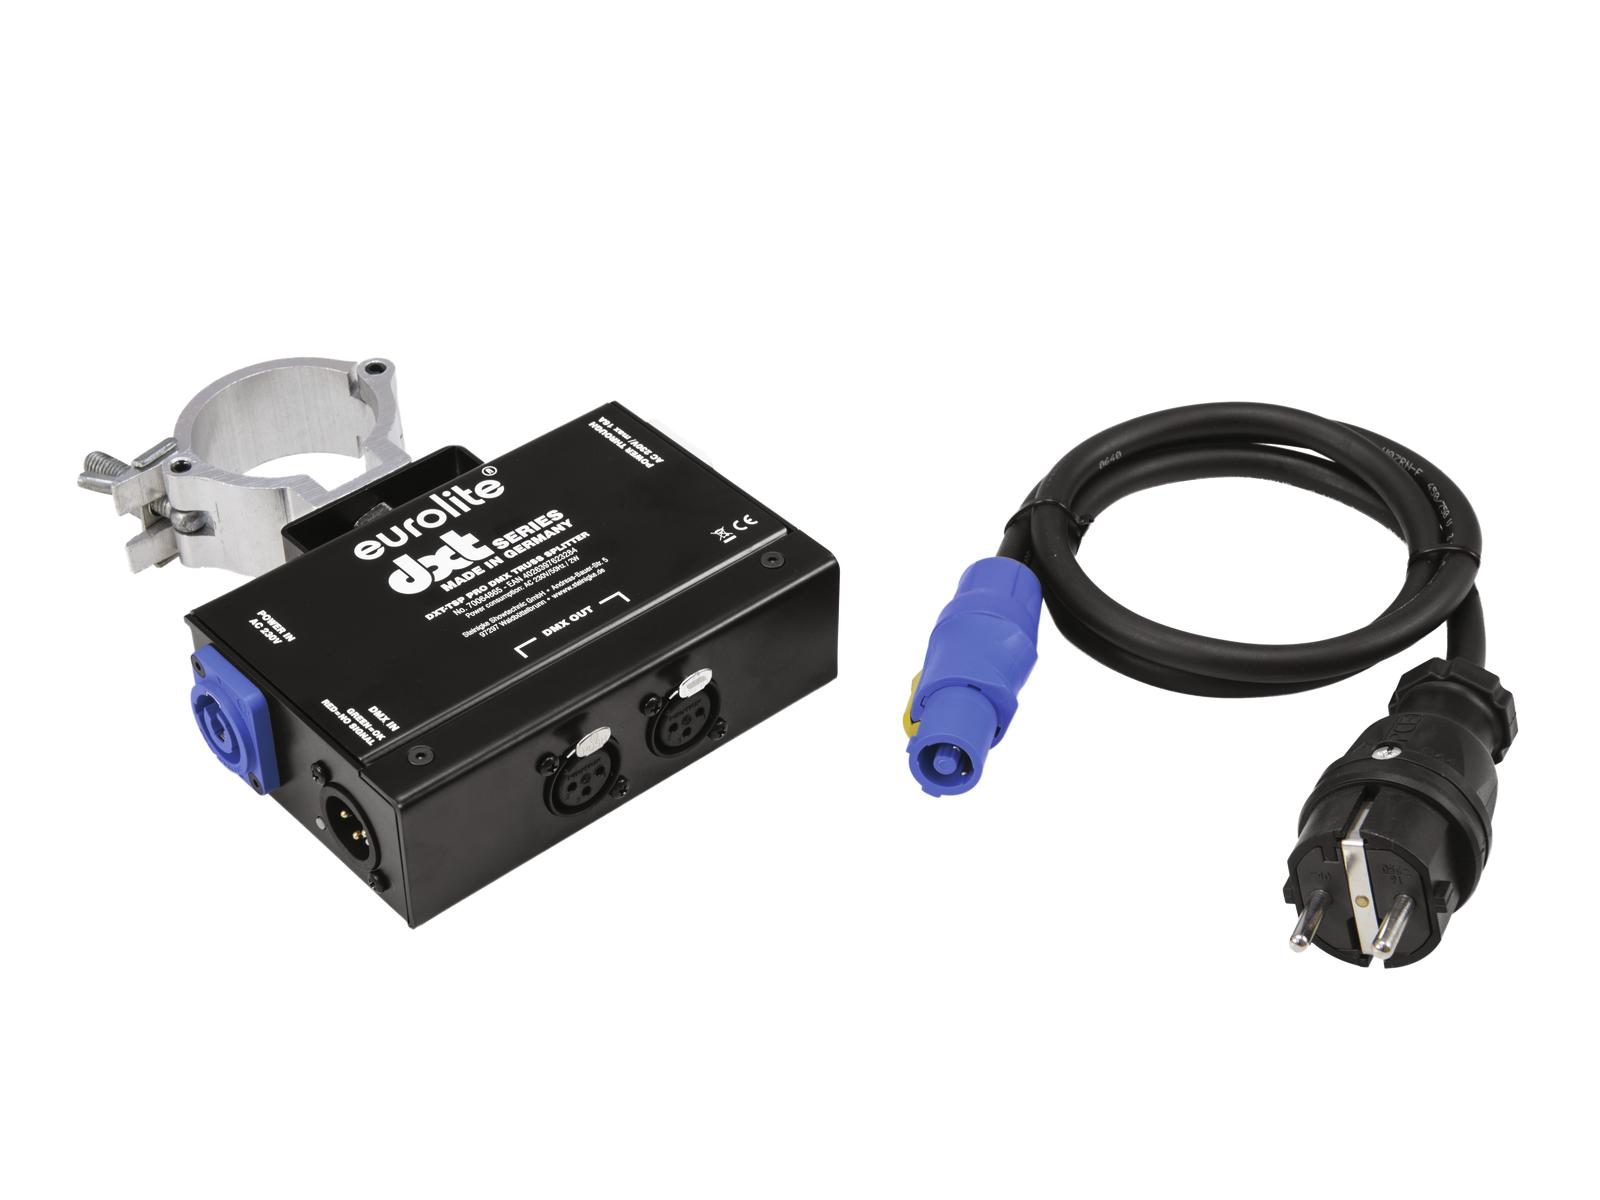 Eurolite DXT-TSP PRO DMX rozbočovač 1x IN/2x OUT, závěsný